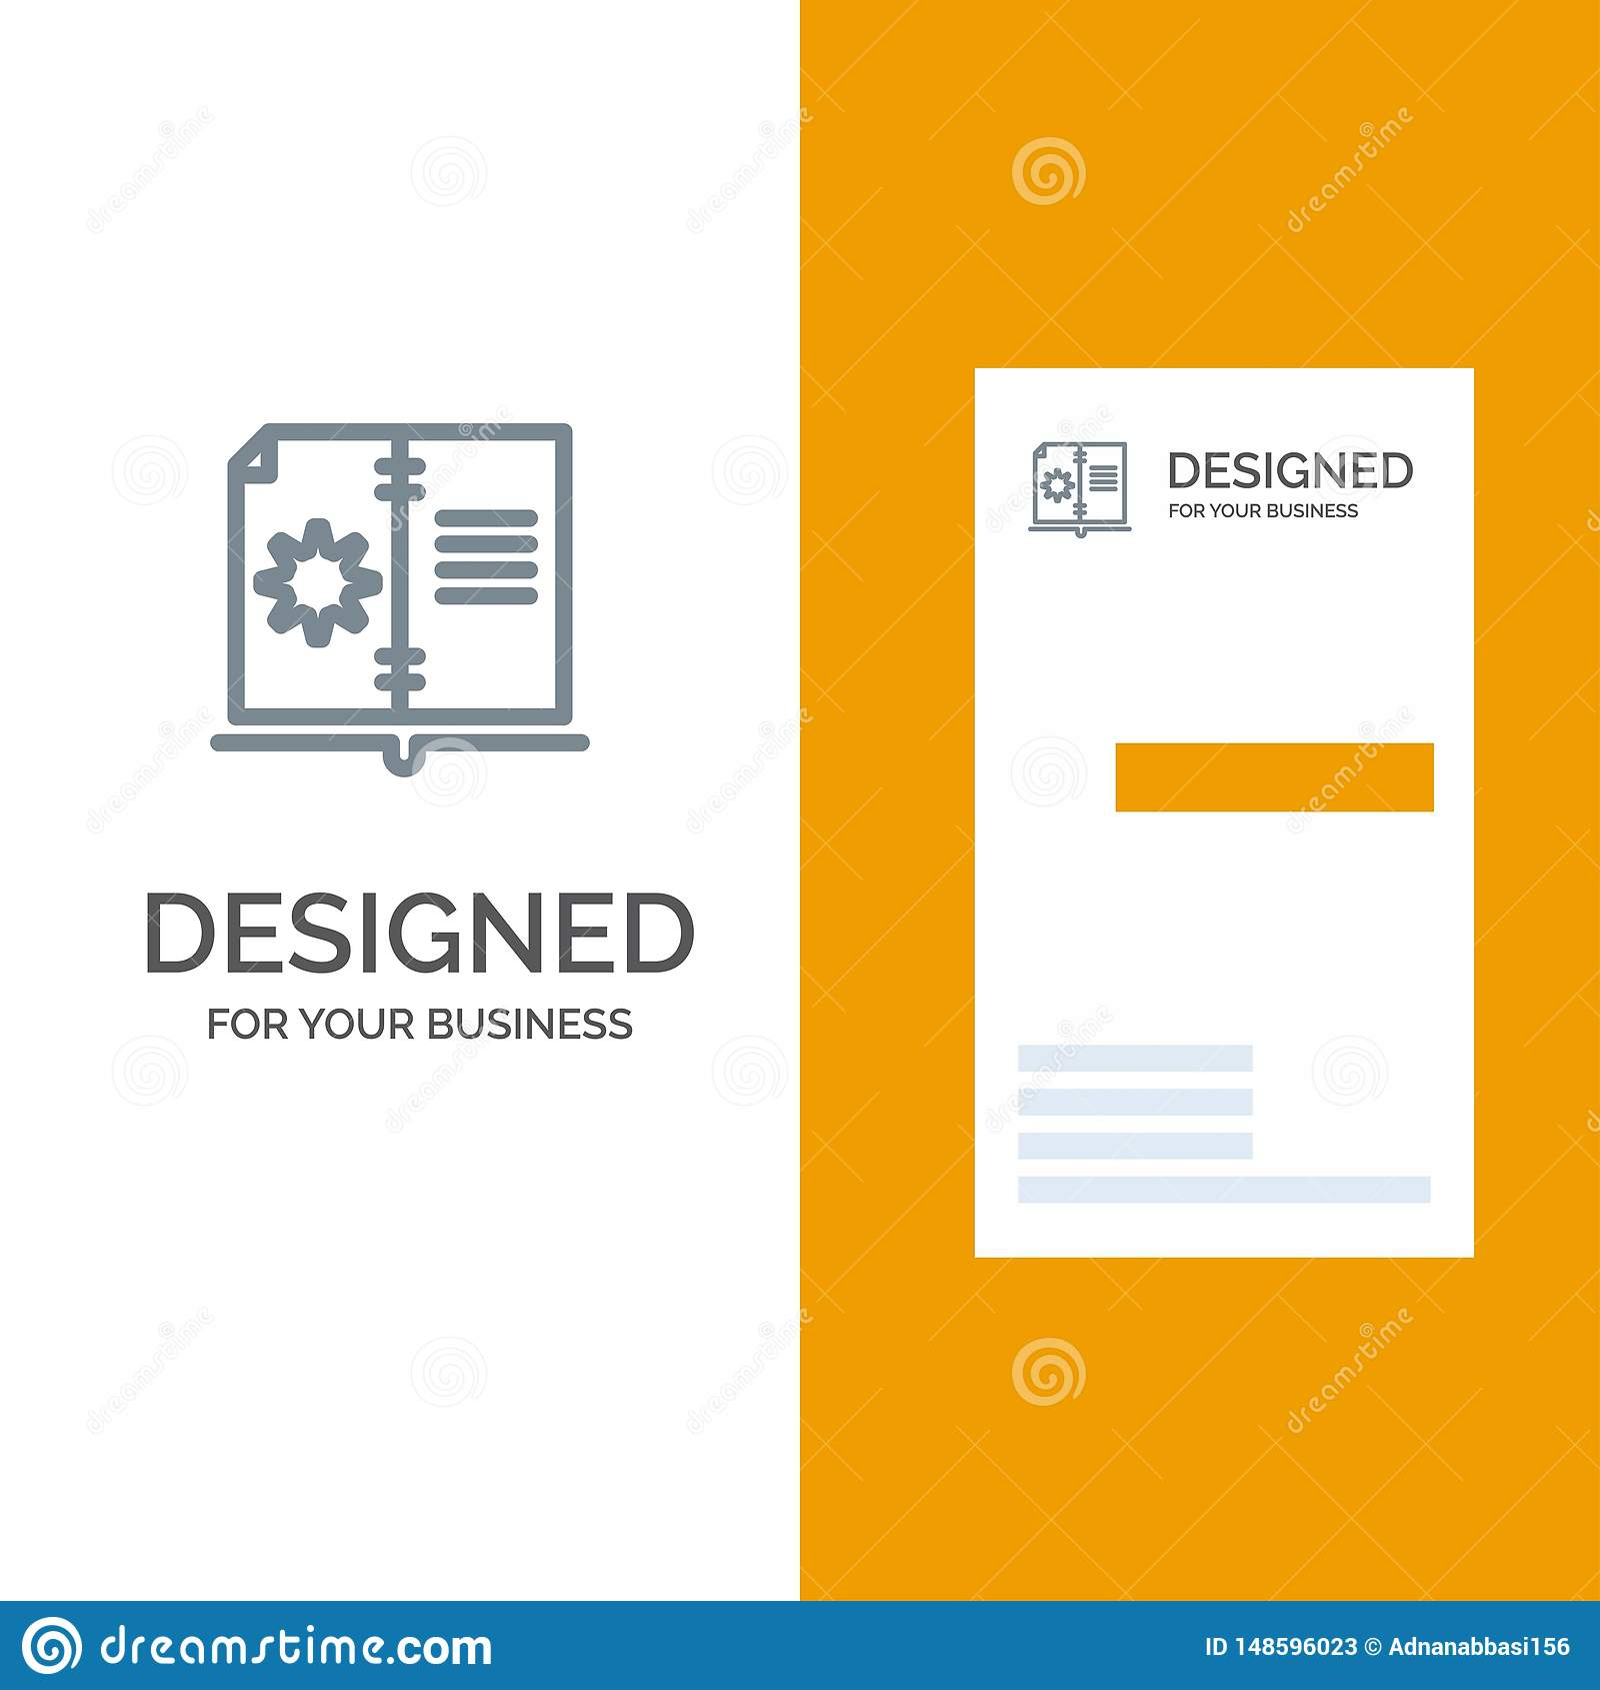 Βιβλίο, οδηγός, υλικό, γκρίζο σχέδιο λογότυπων οδηγίας και πρότυπο επαγγελματικών καρτών